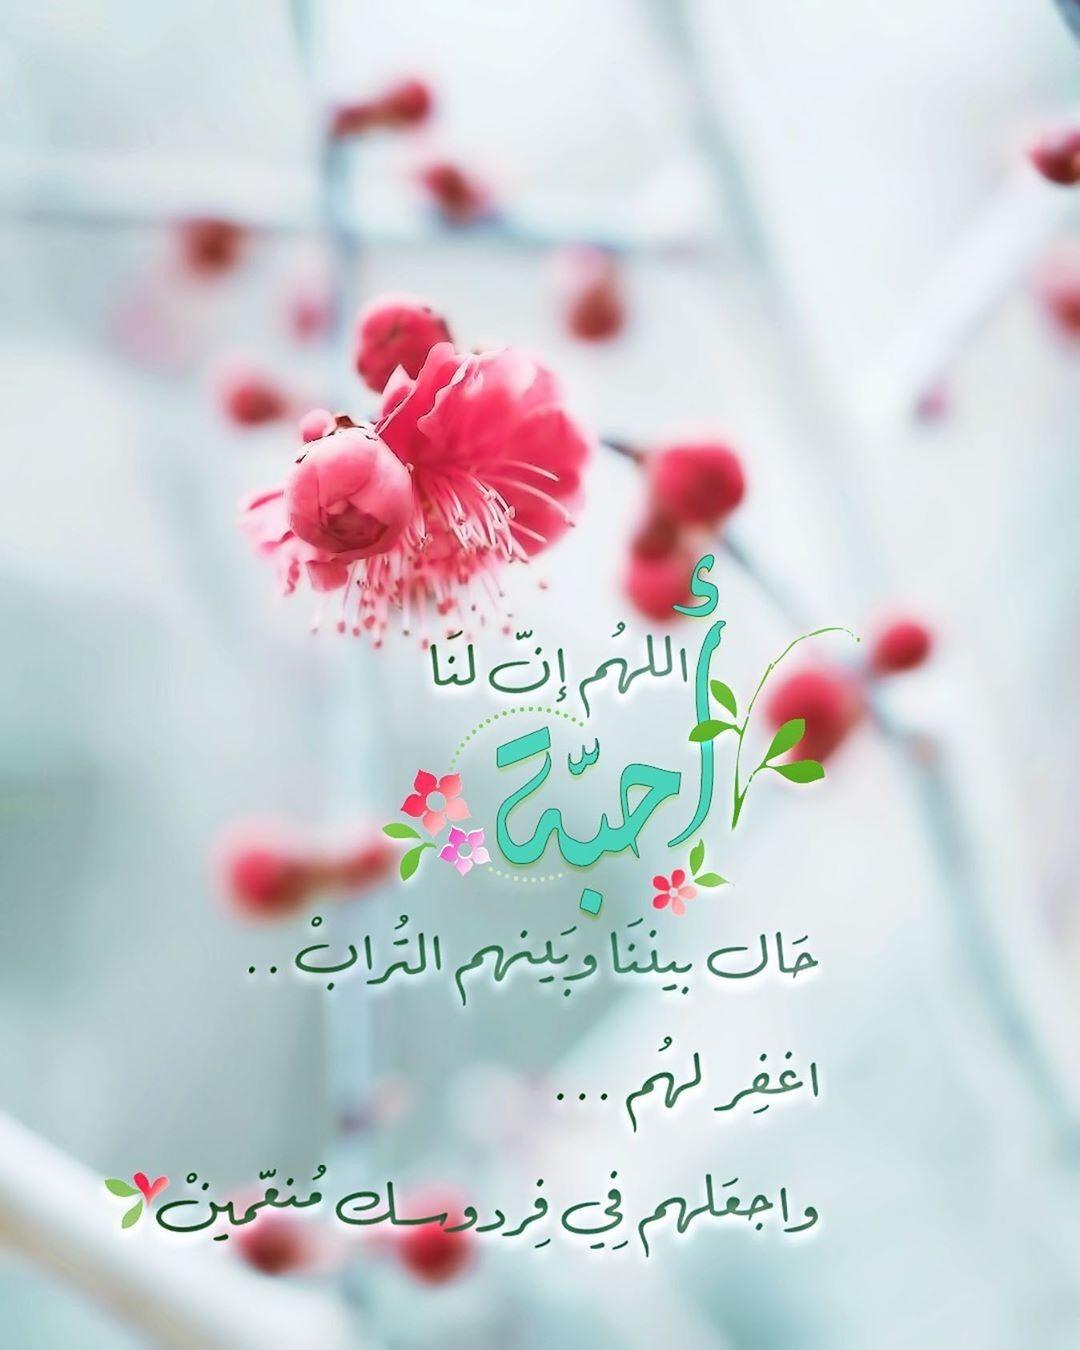 اللهم أرحم أموات المسلمين Quran Quotes Inspirational Islamic Pictures Words Quotes